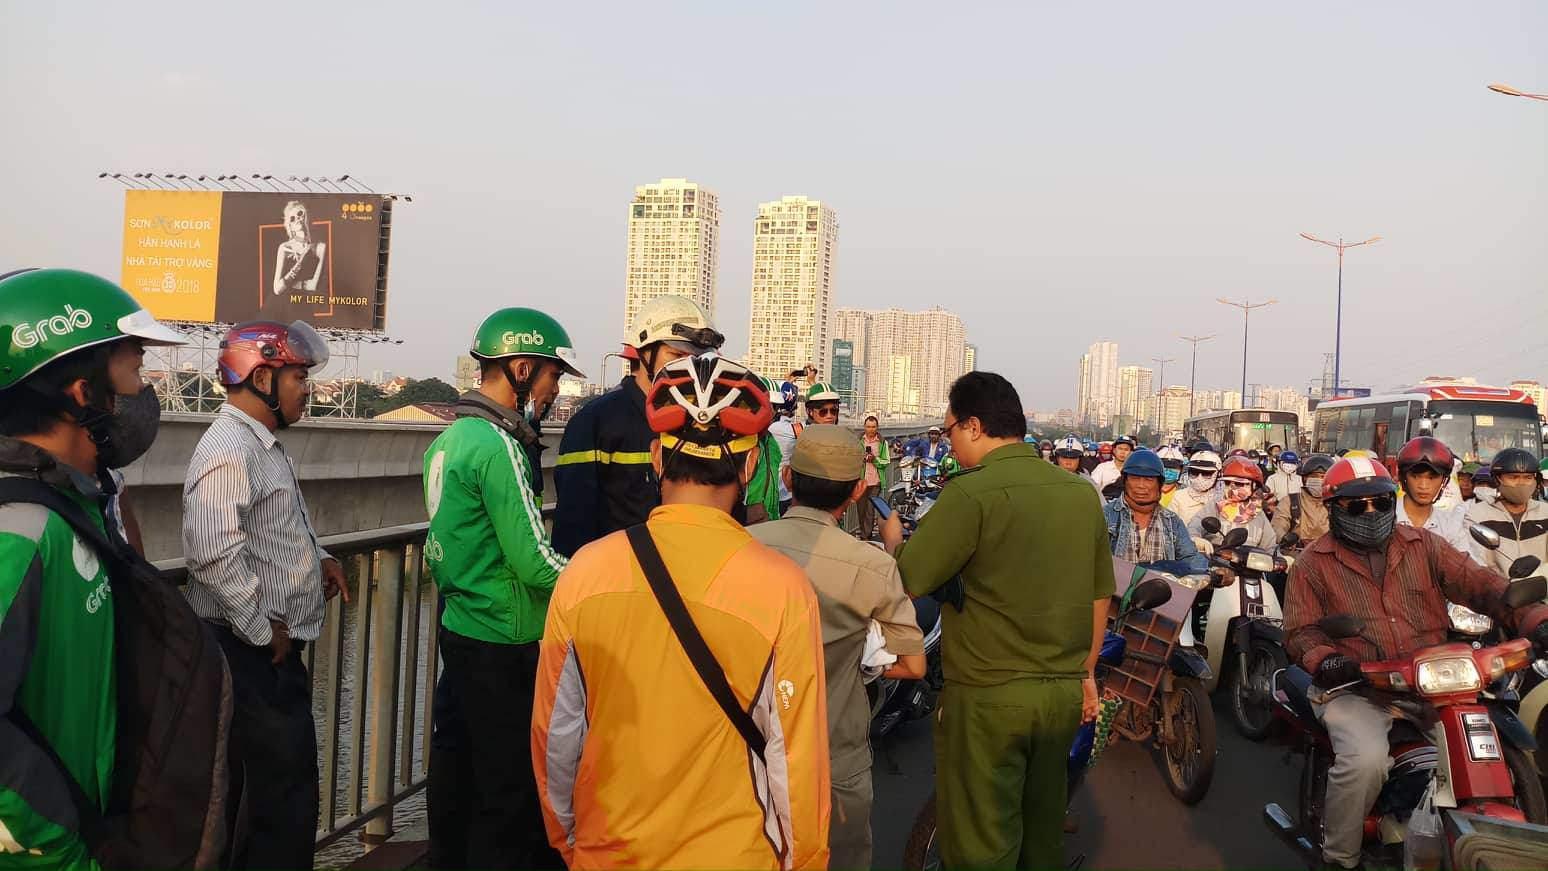 Cô gái để lại lá thư nhảy cầu Sài Gòn rồi bỏ đi: Hé lộ tình tiết bất ngờ-4